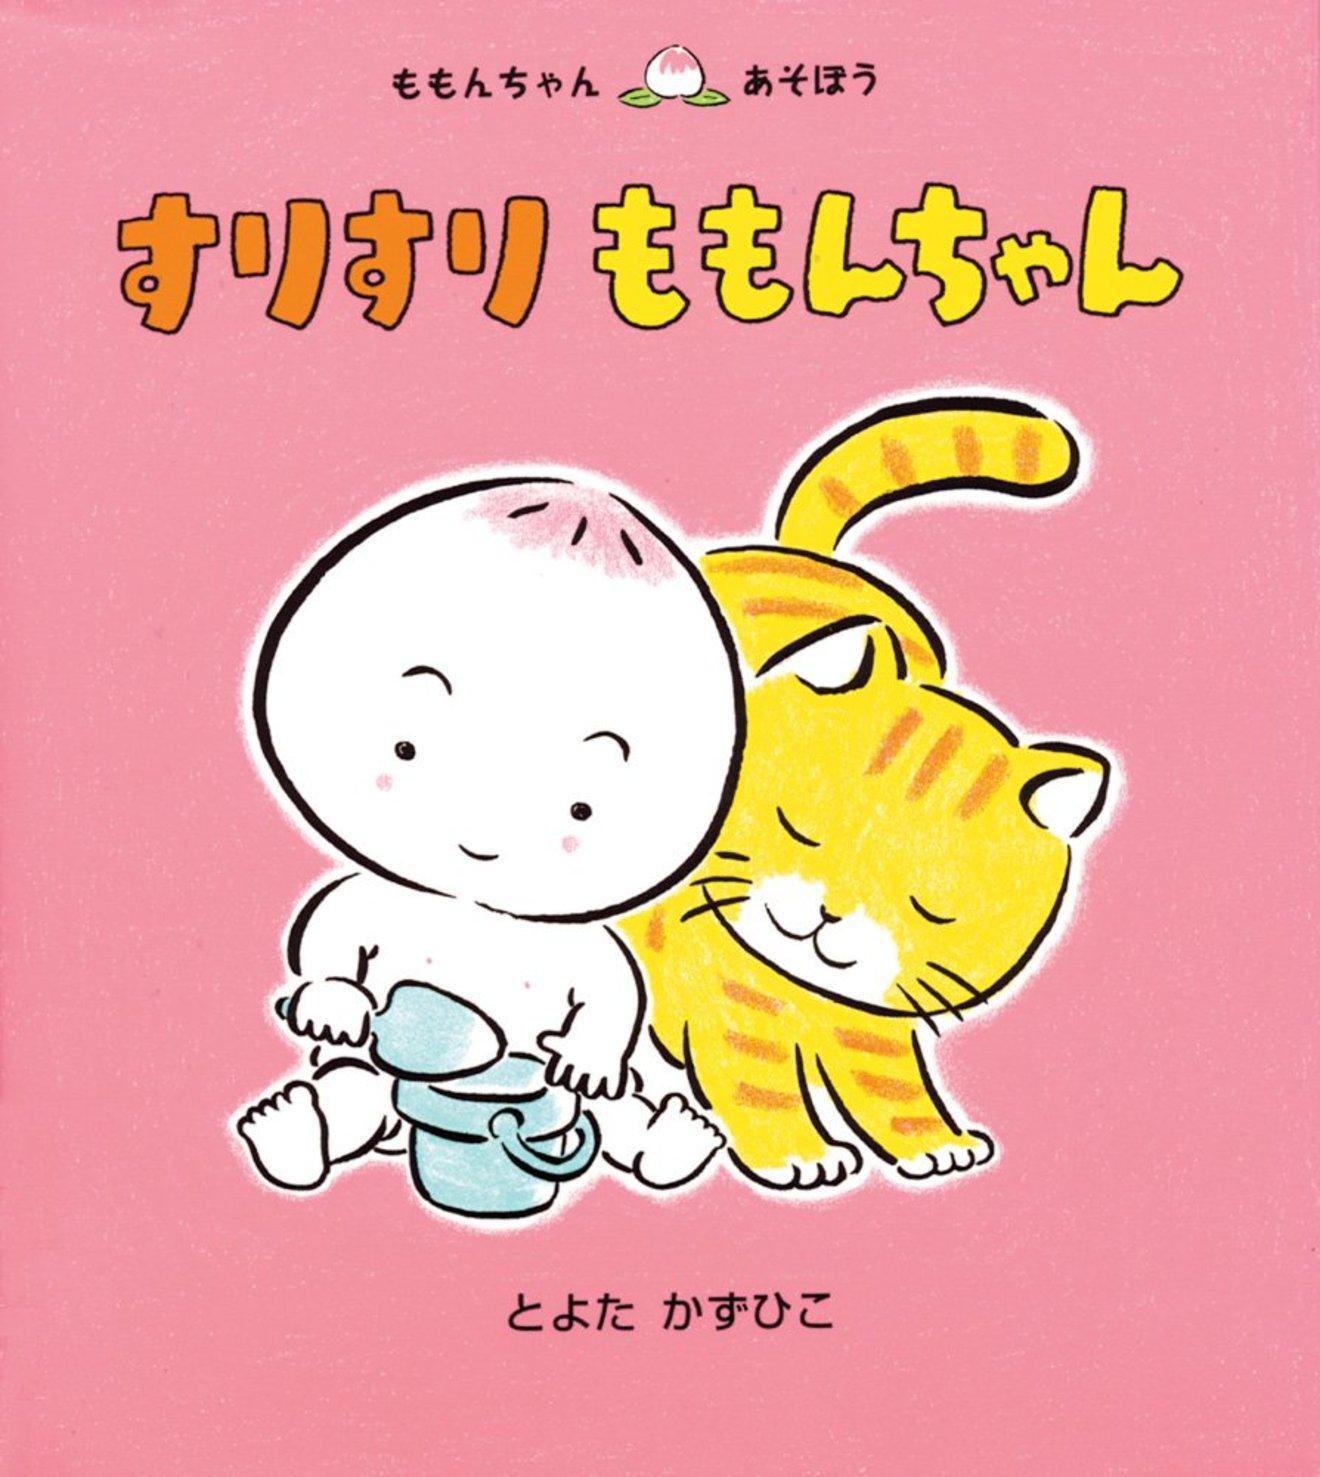 ももんちゃんって知ってる?赤ちゃんから楽しめるおすすめ絵本5選!